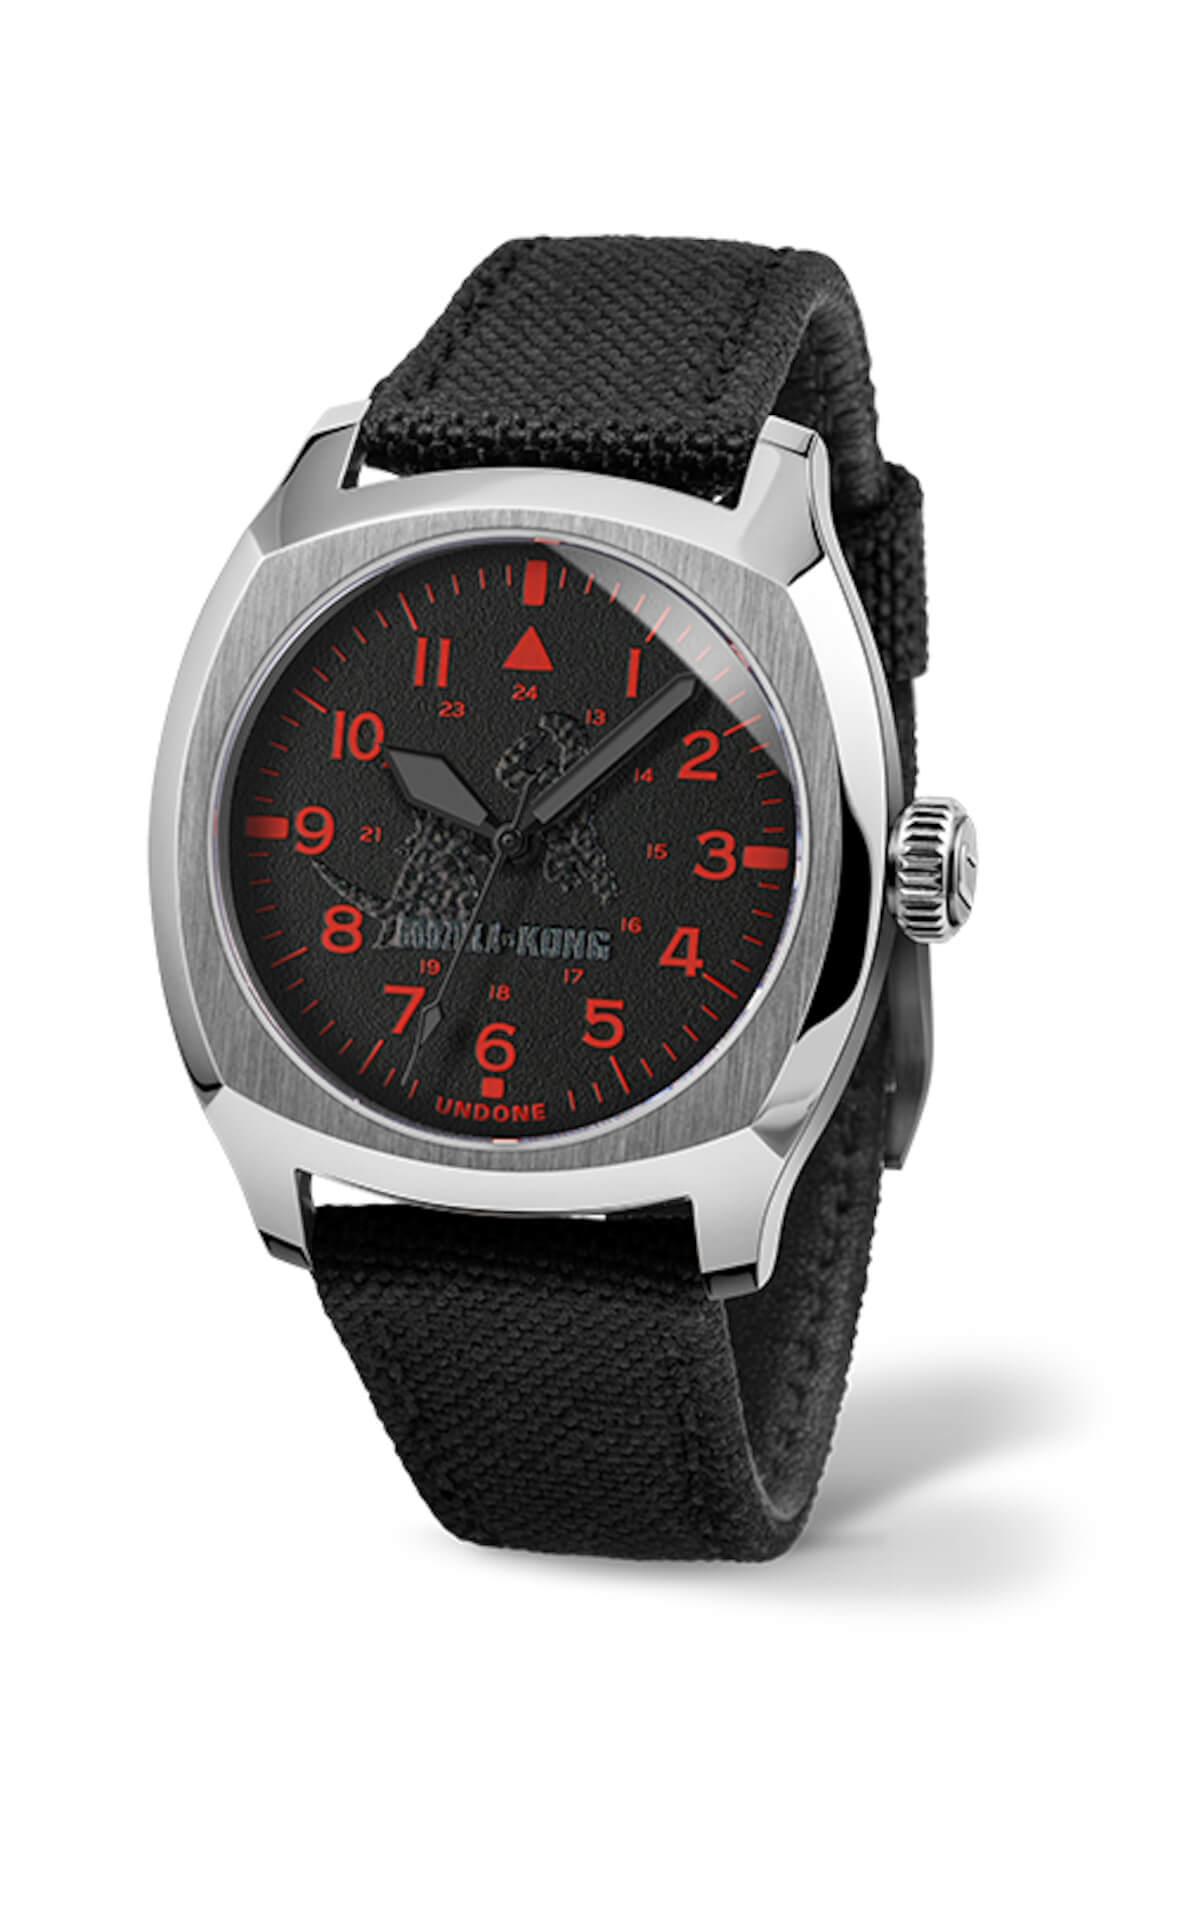 ゴジラとキングコングが腕時計に!UNDONEと『ゴジラvsコング』のコラボウォッチ2モデルが登場 tech210520_undone_godzilla_5